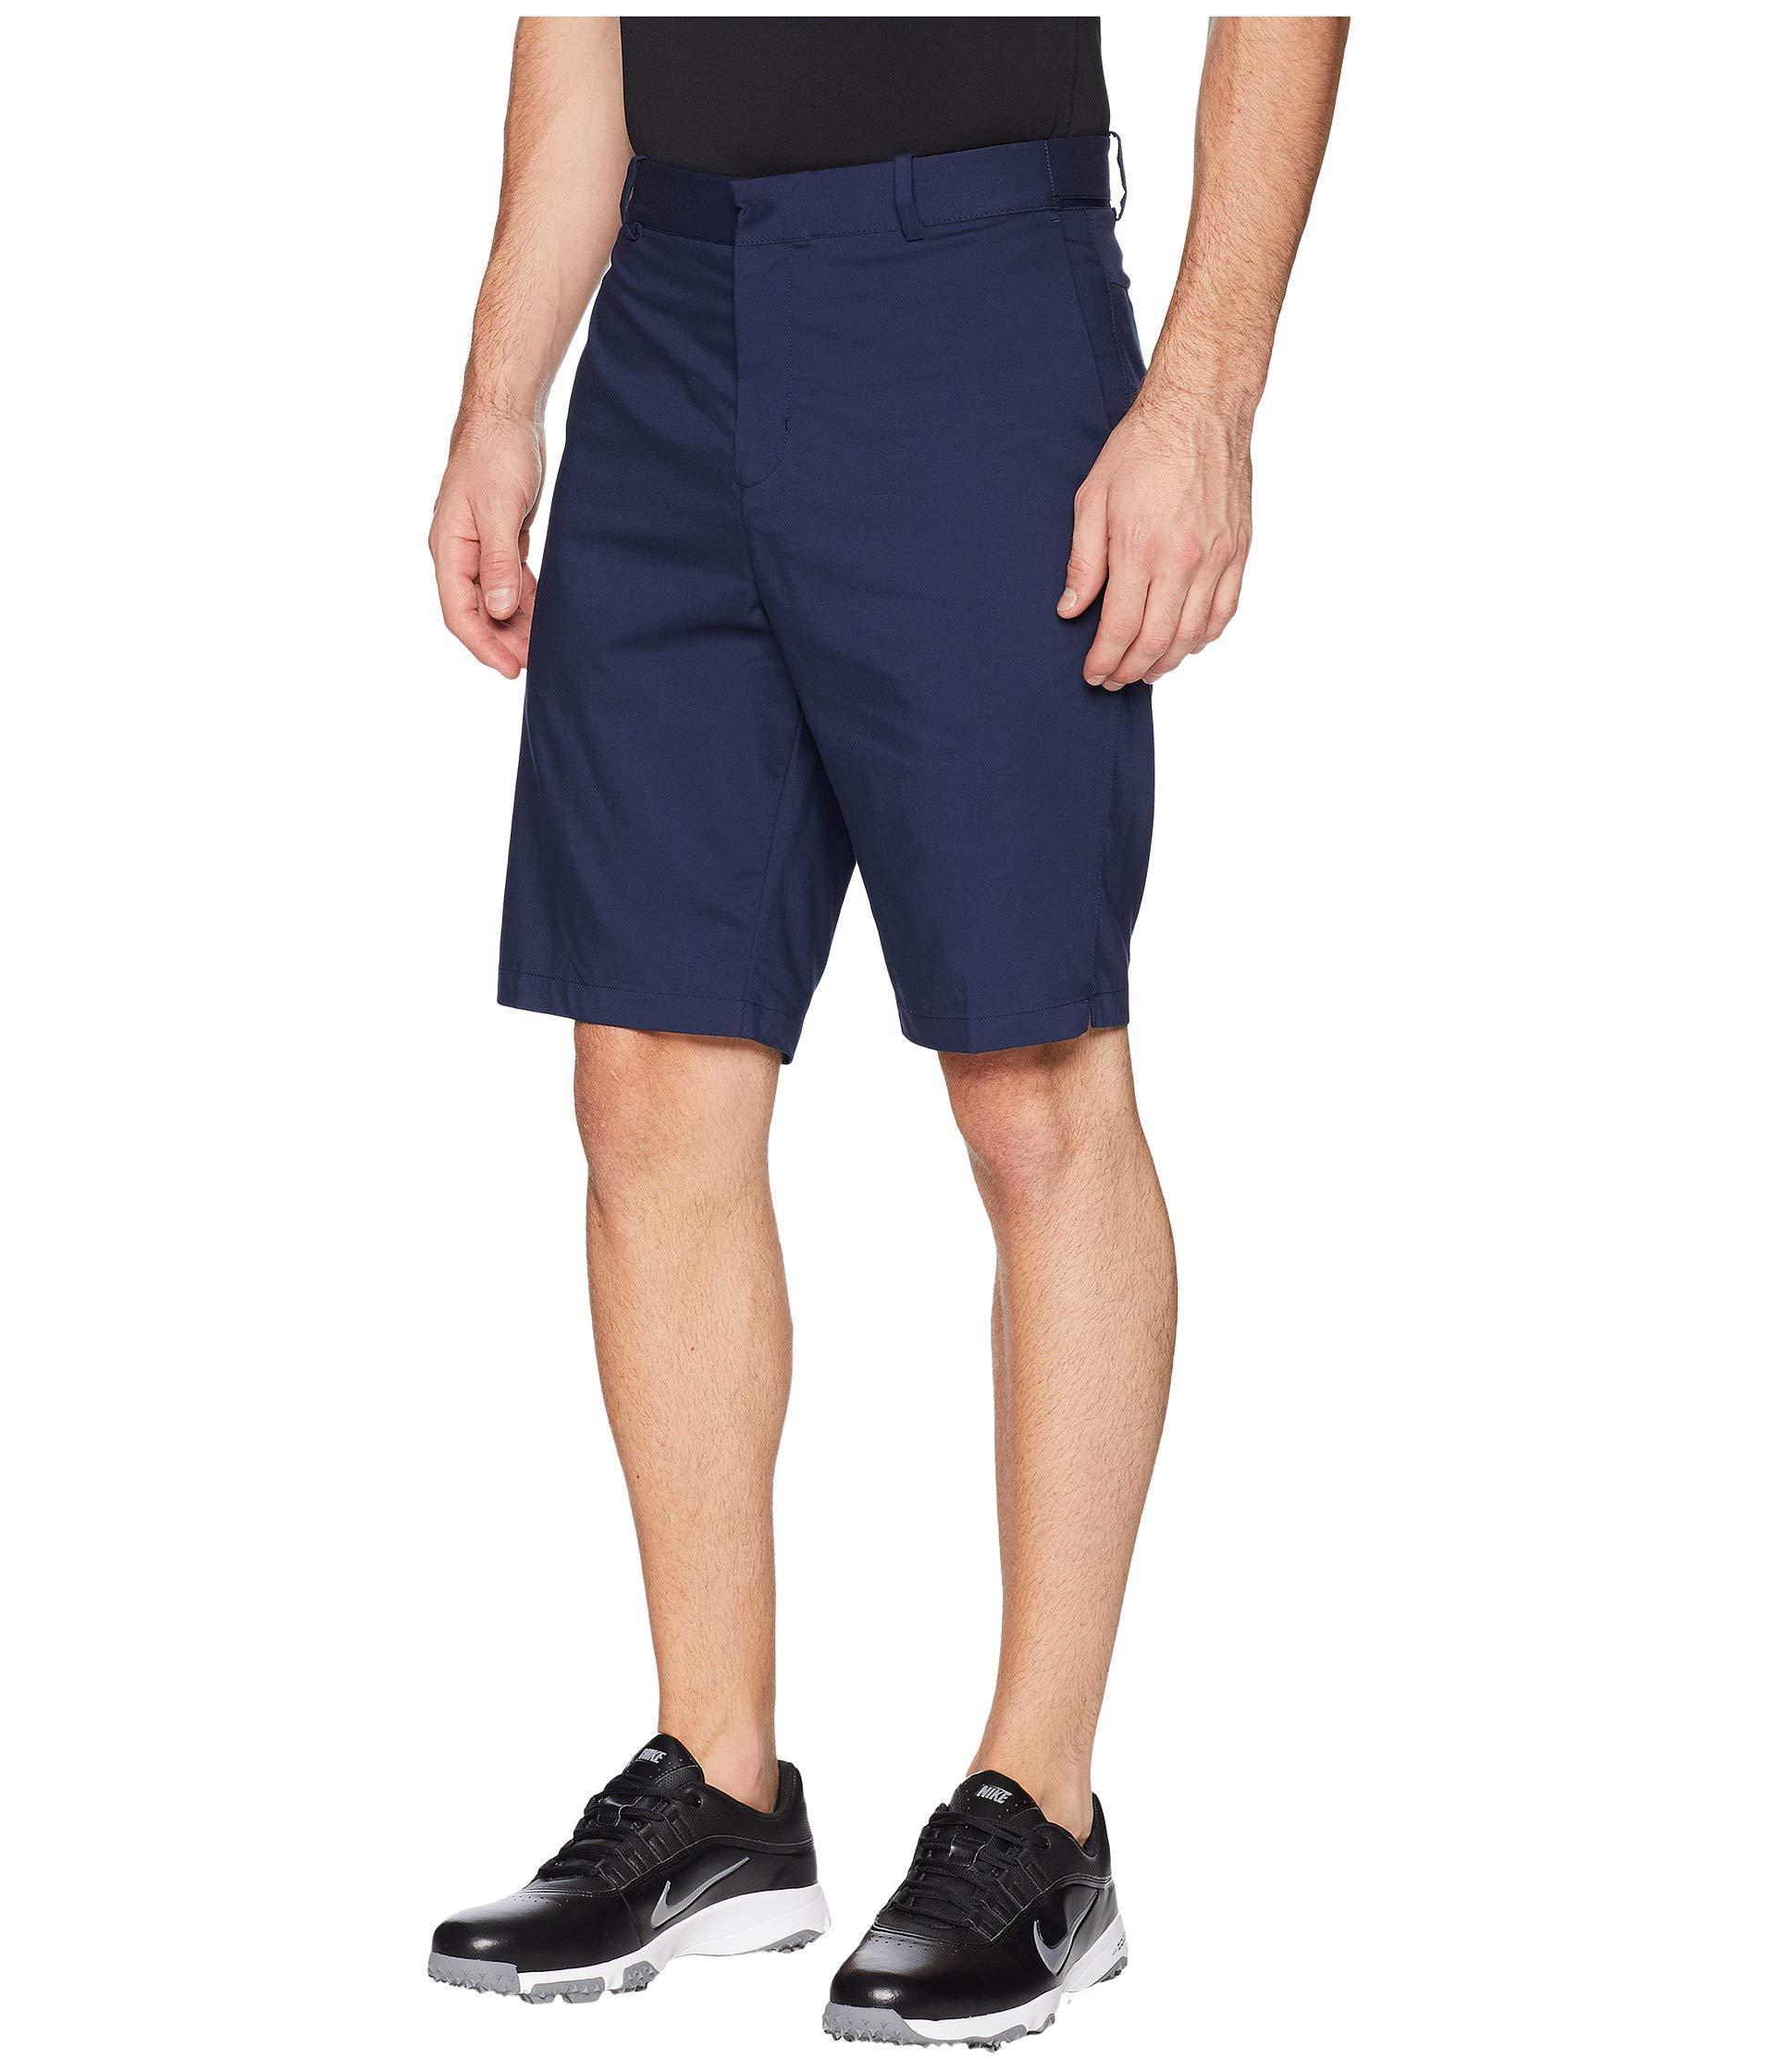 34601efc070b Lyst - Nike Flex Shorts Slim Washed in Blue for Men